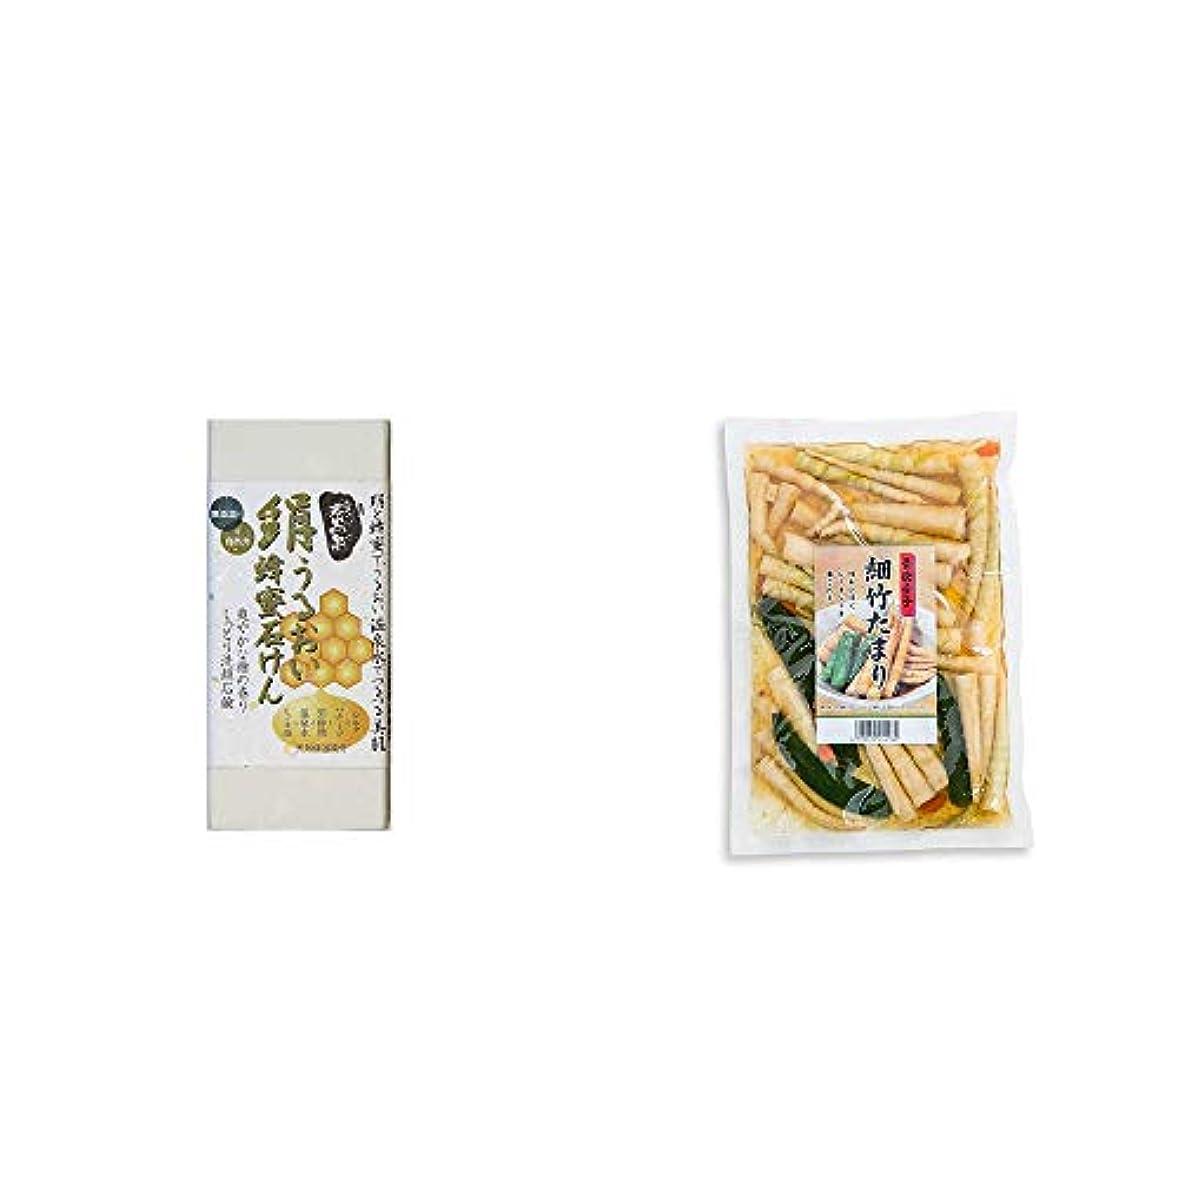 ラウンジかび臭い孤児[2点セット] ひのき炭黒泉 絹うるおい蜂蜜石けん(75g×2)?青唐辛子 細竹たまり(330g)